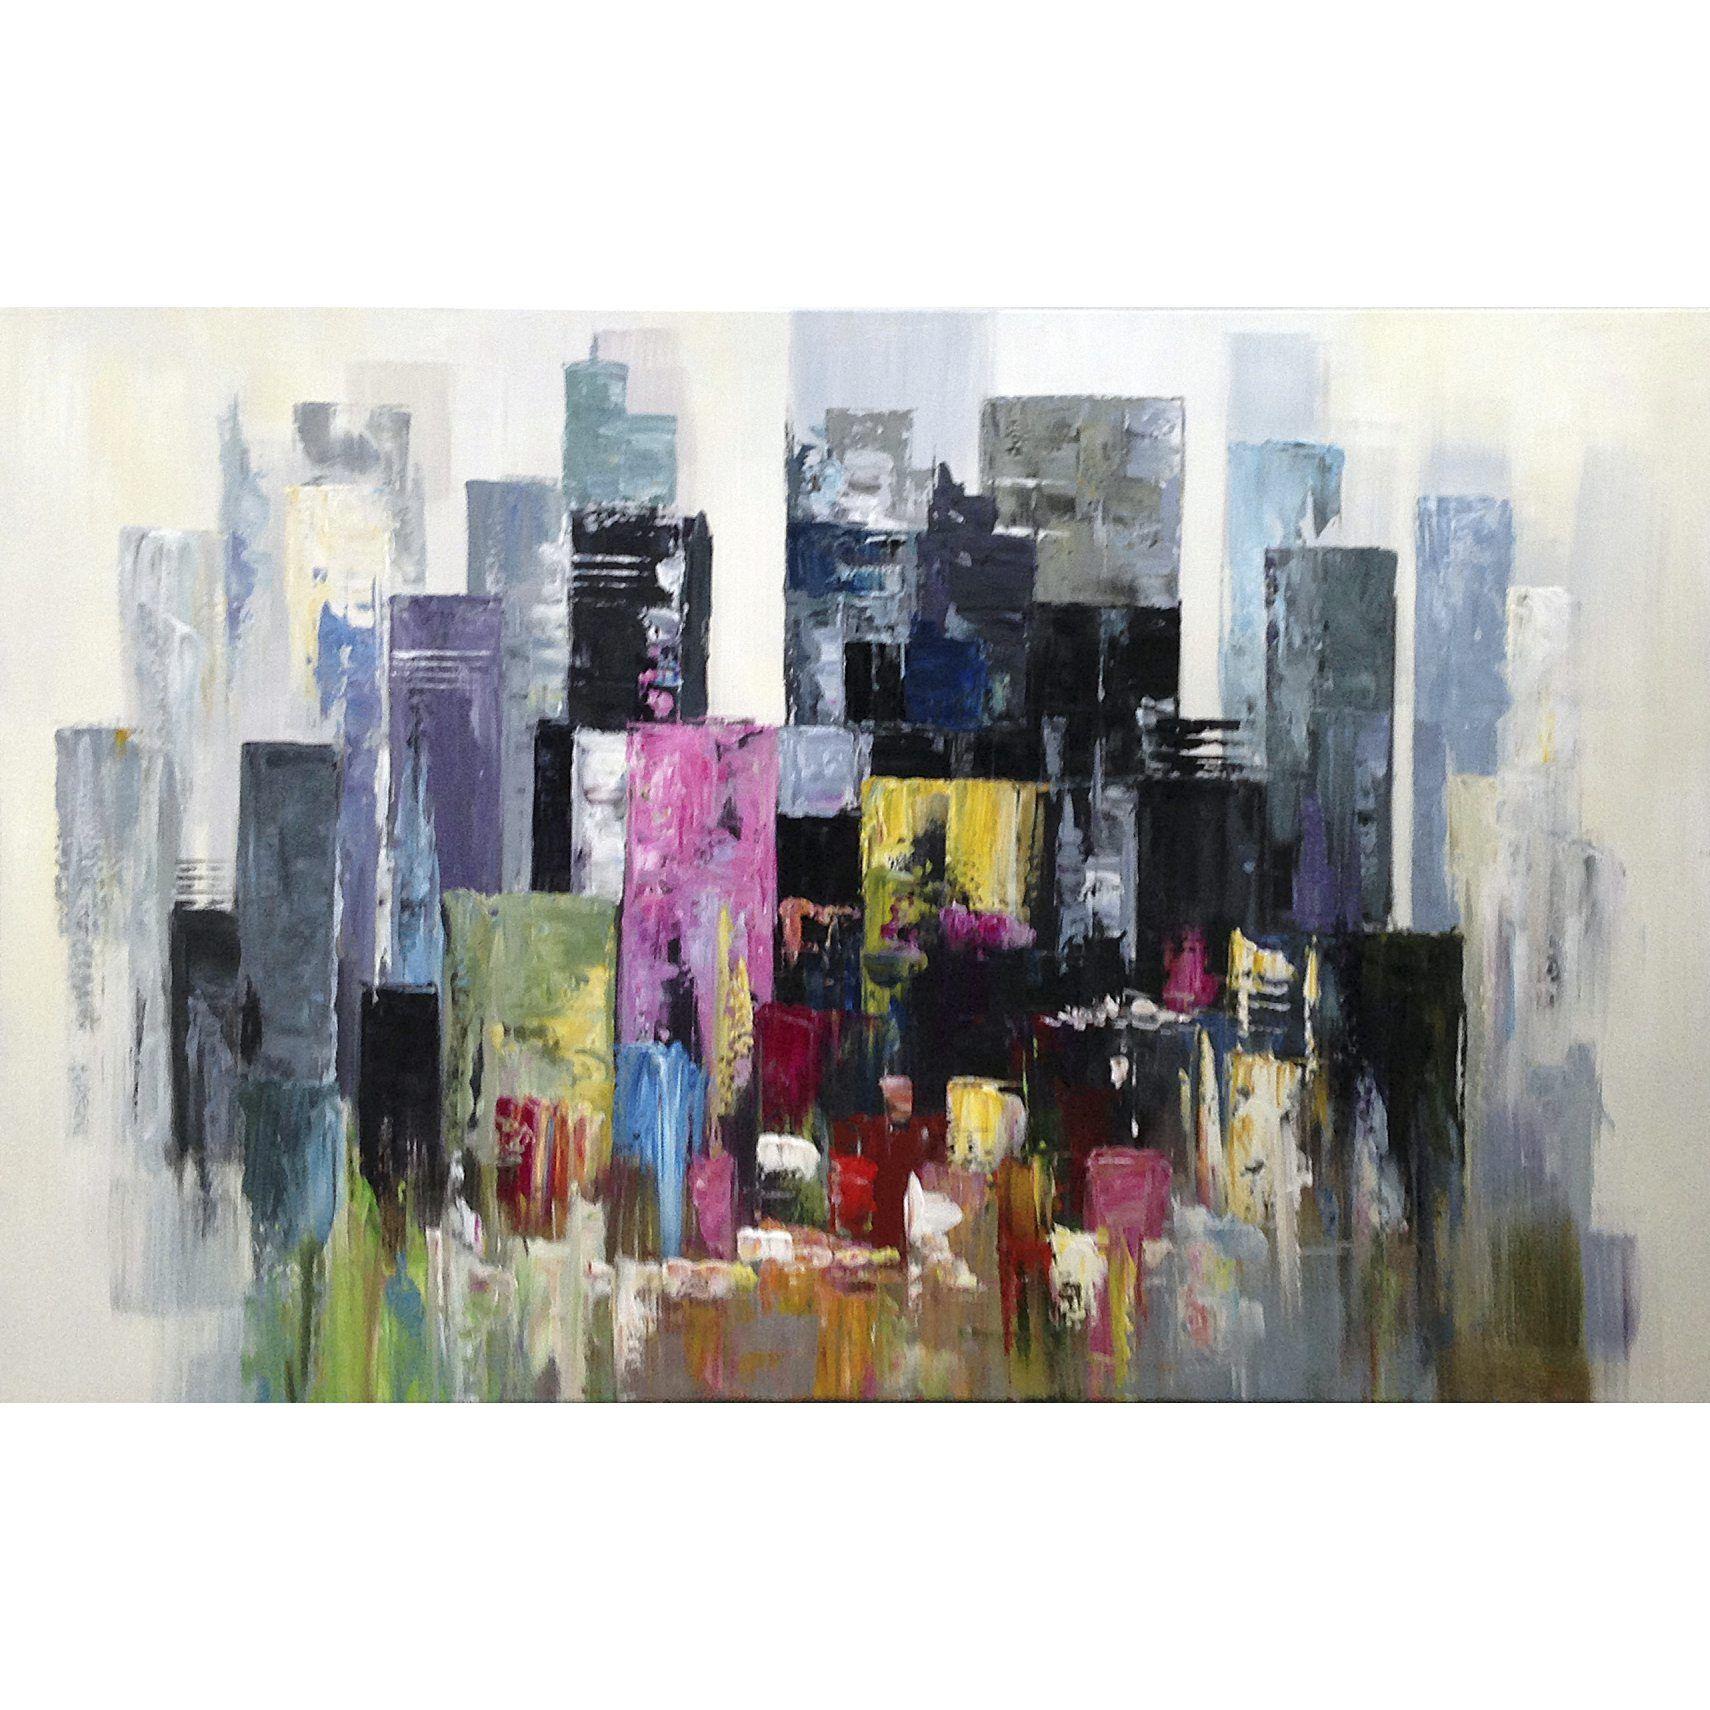 Pastel City Laerreds Billede 120 X 90 X 4 Cm Kob Online Ilva Dk Maleri Inspiration Abstrakt Billede